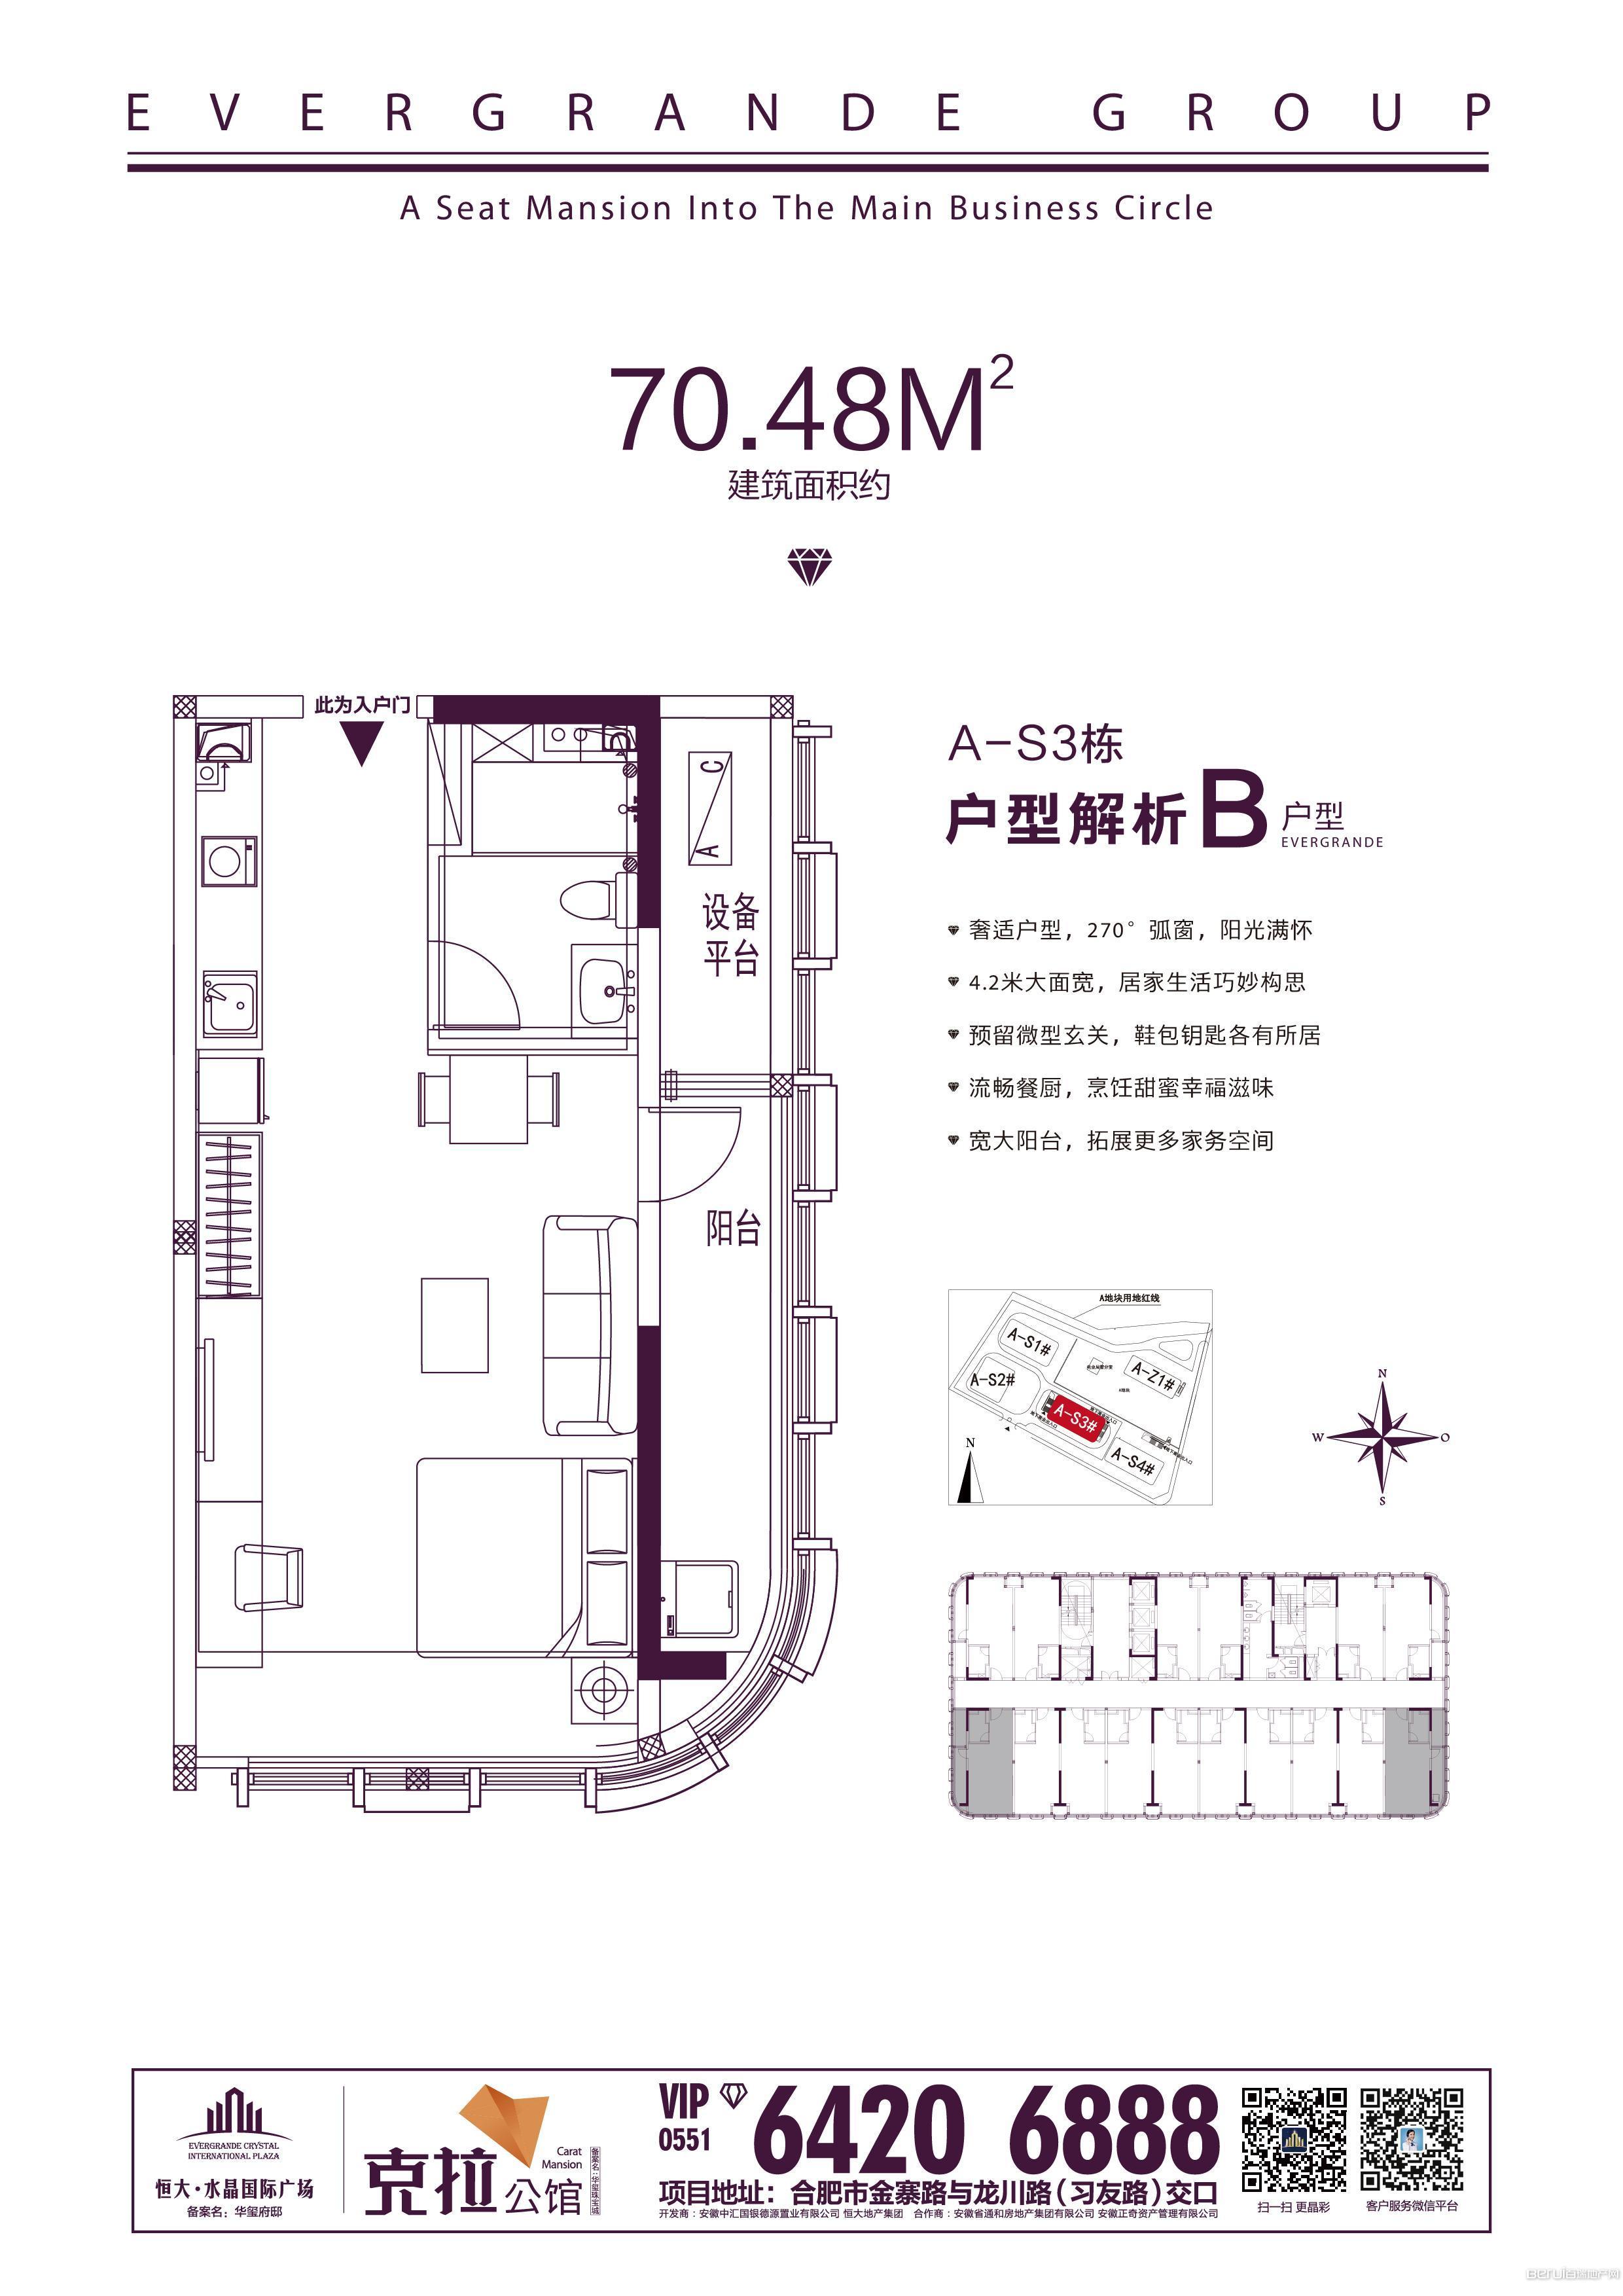 恒大水晶国际广场A-S3#B